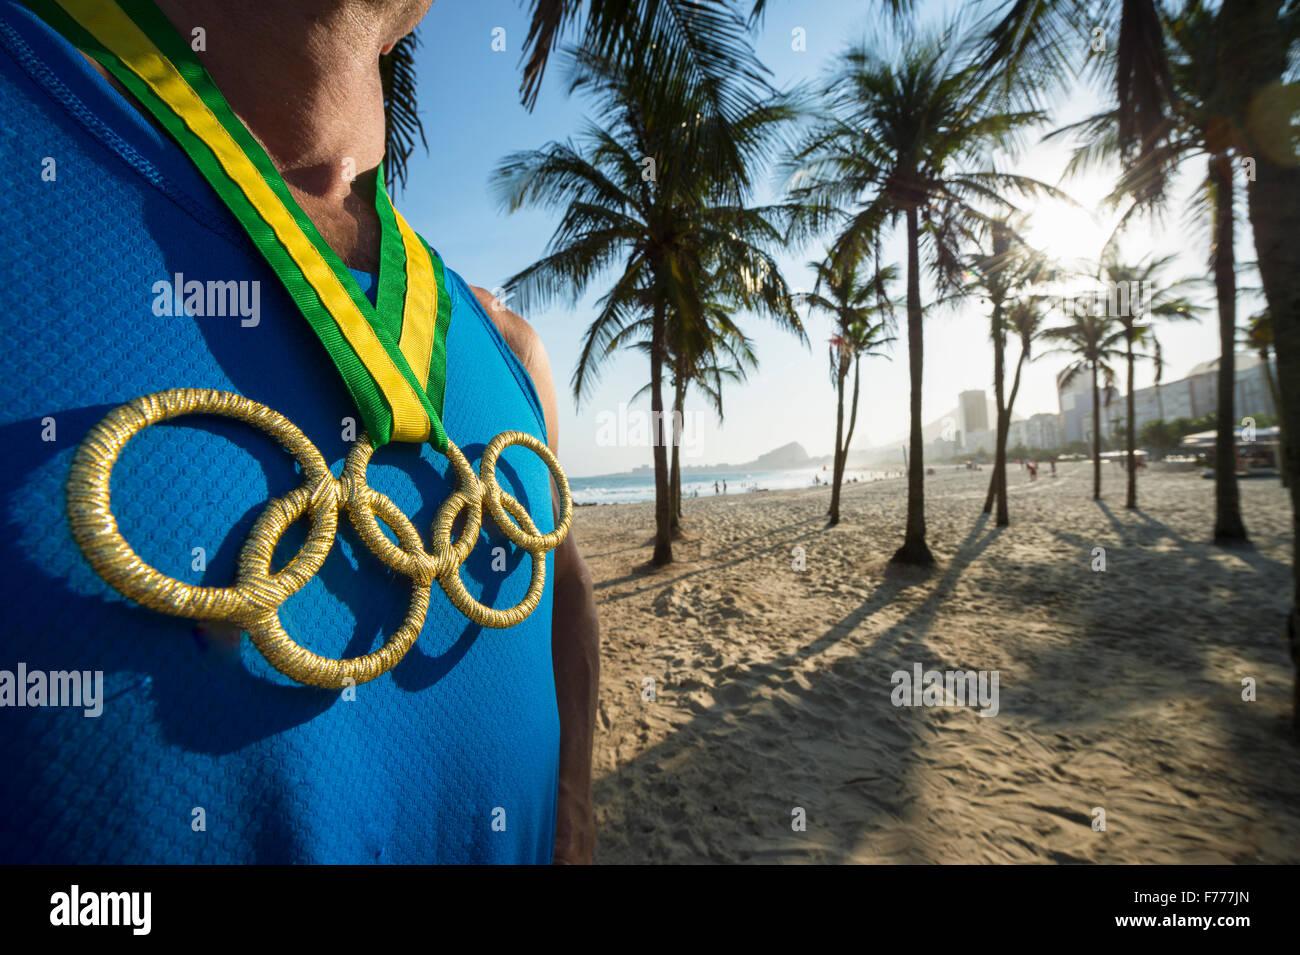 RIO DE JANEIRO, Brasile - 30 ottobre 2015: atleta che indossa anelli olimpici medaglia d'Oro sorge nella parte Immagini Stock